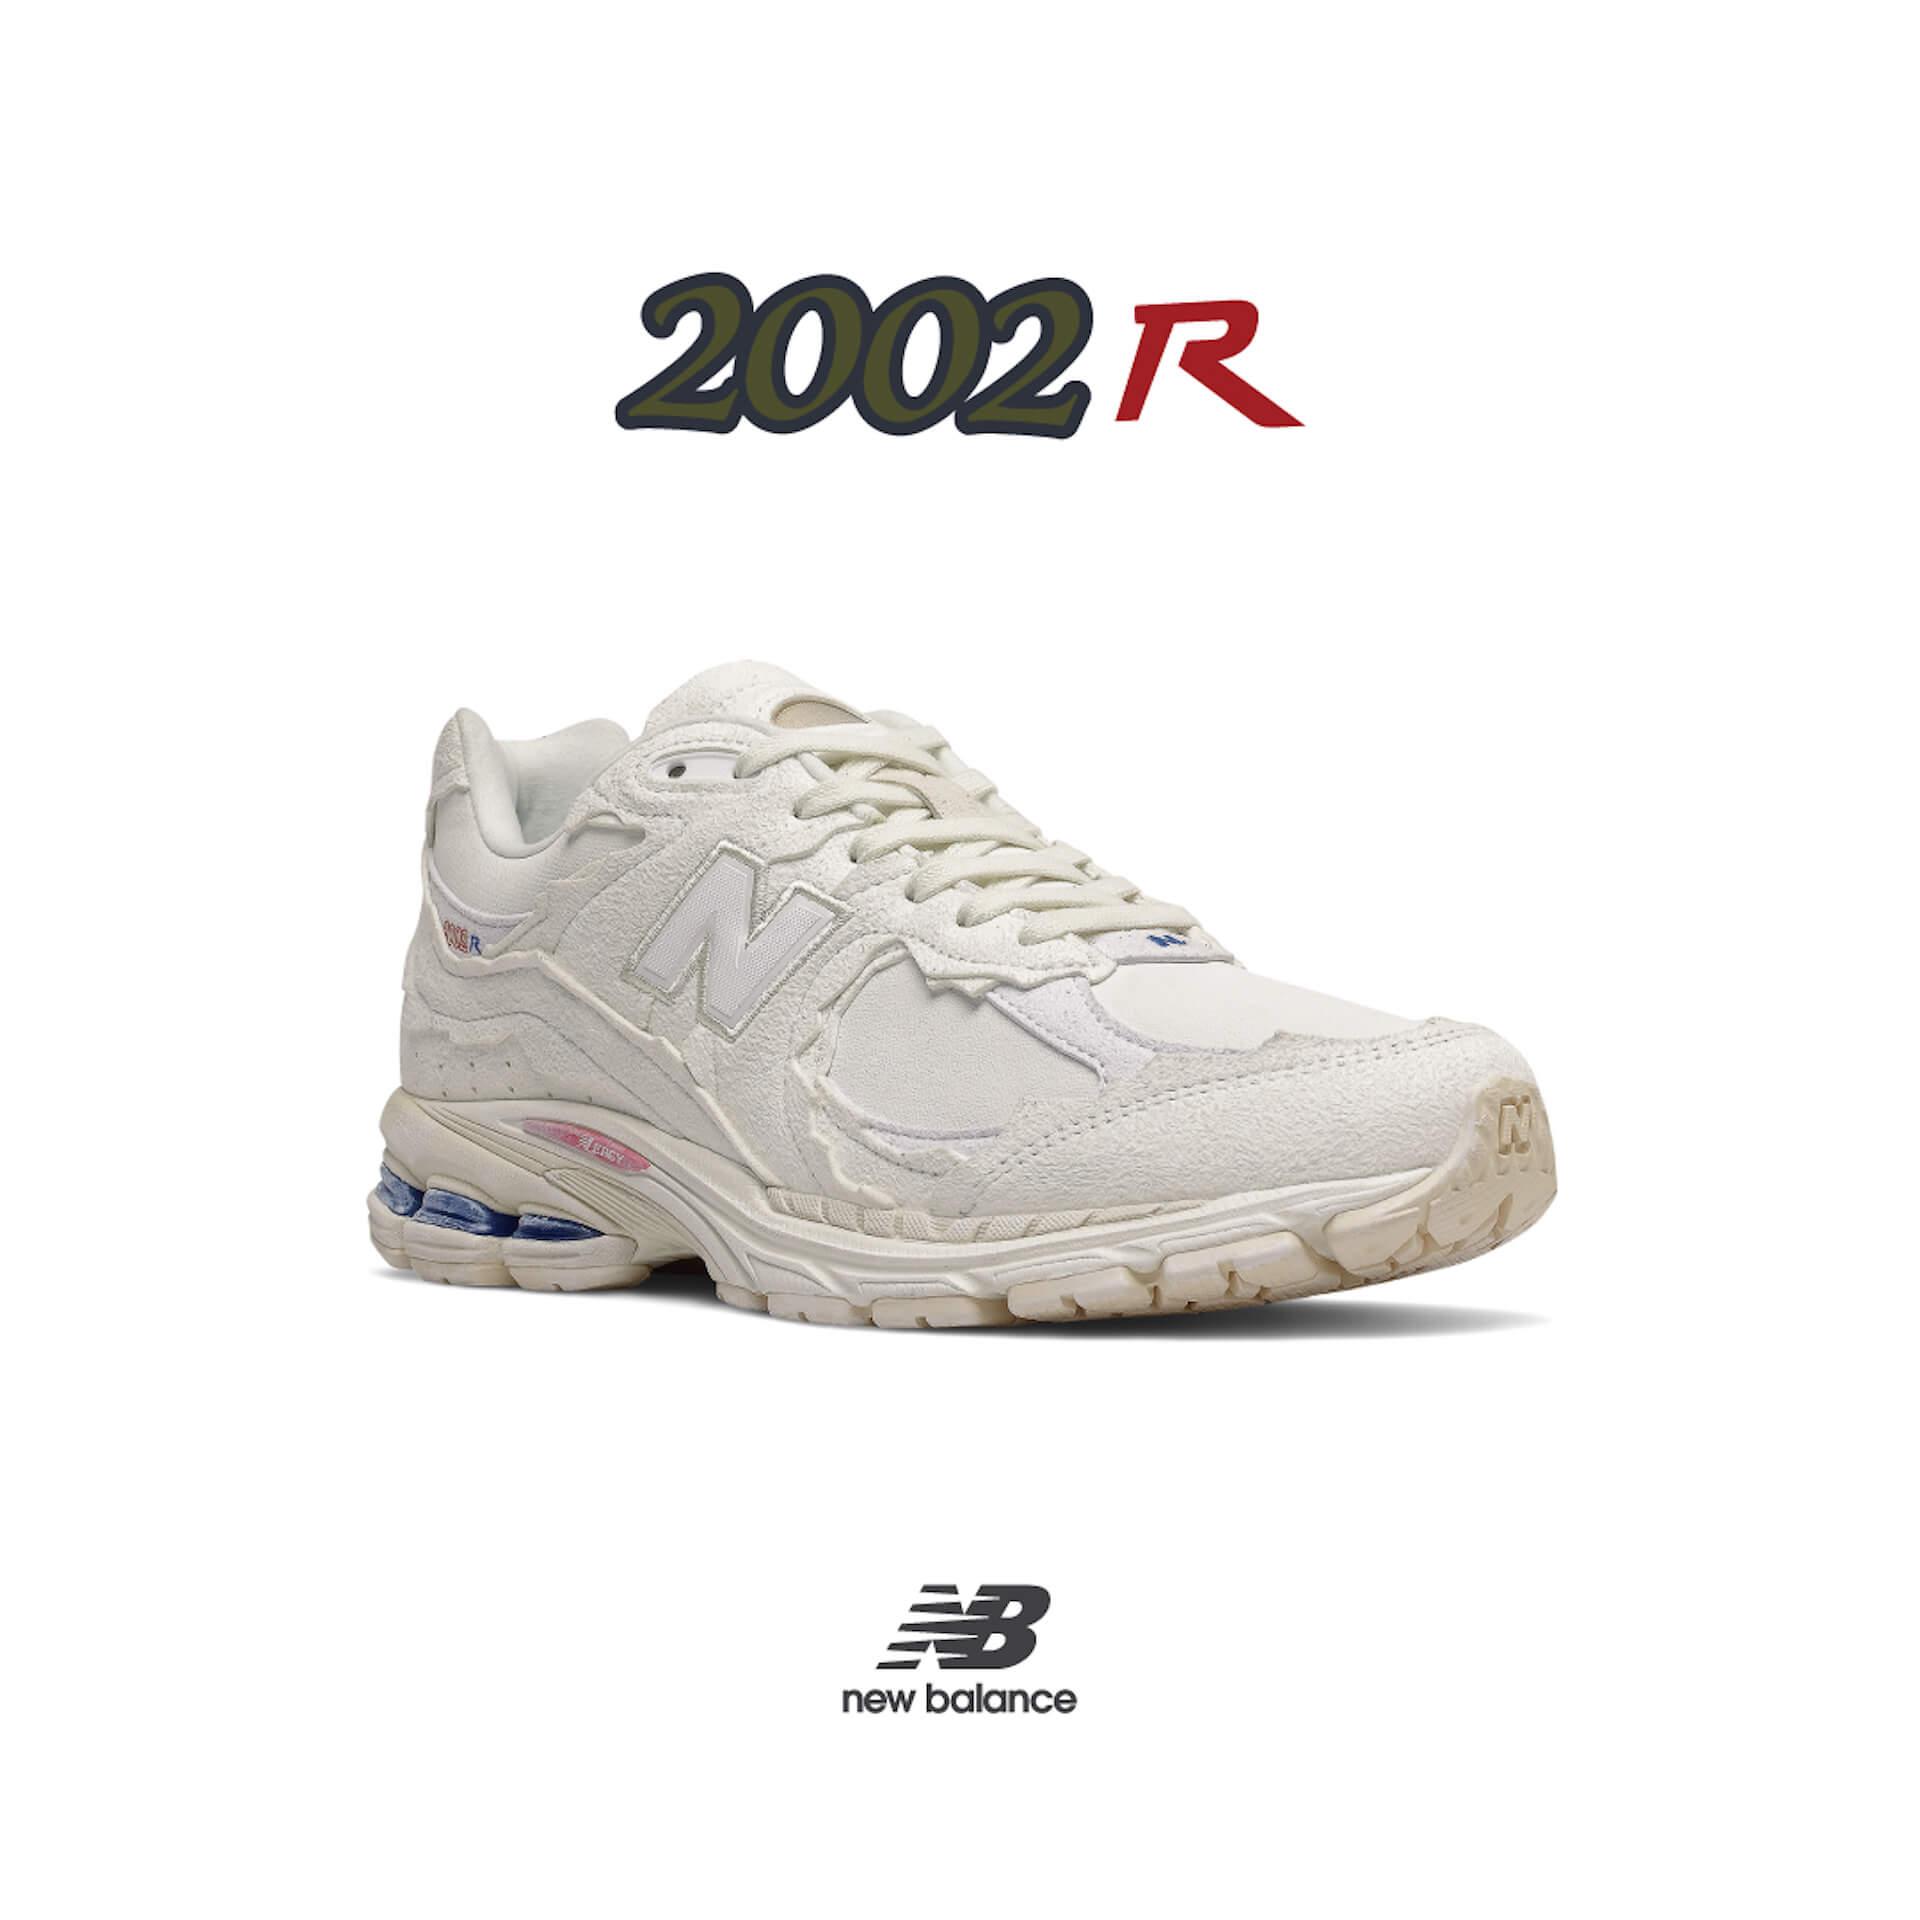 ニューバランス「2002R」シリーズ新作3色が発売決定!ヴィンテージ加工が印象的な3モデル life210712_newbalance_2002r_3